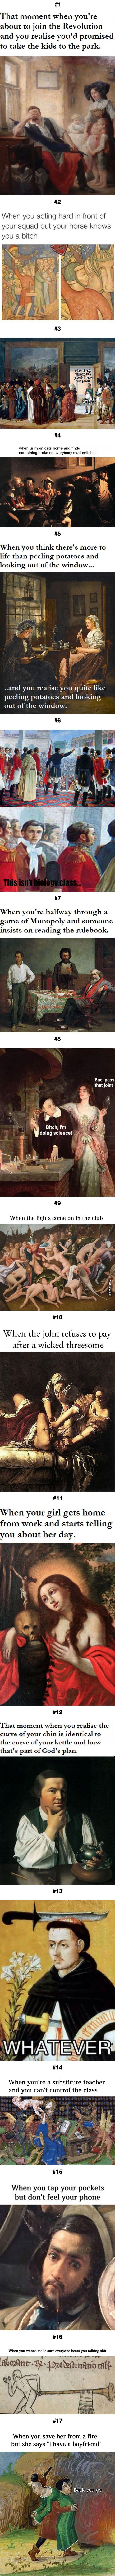 Best Of Classical Art Memes! - 9GAG